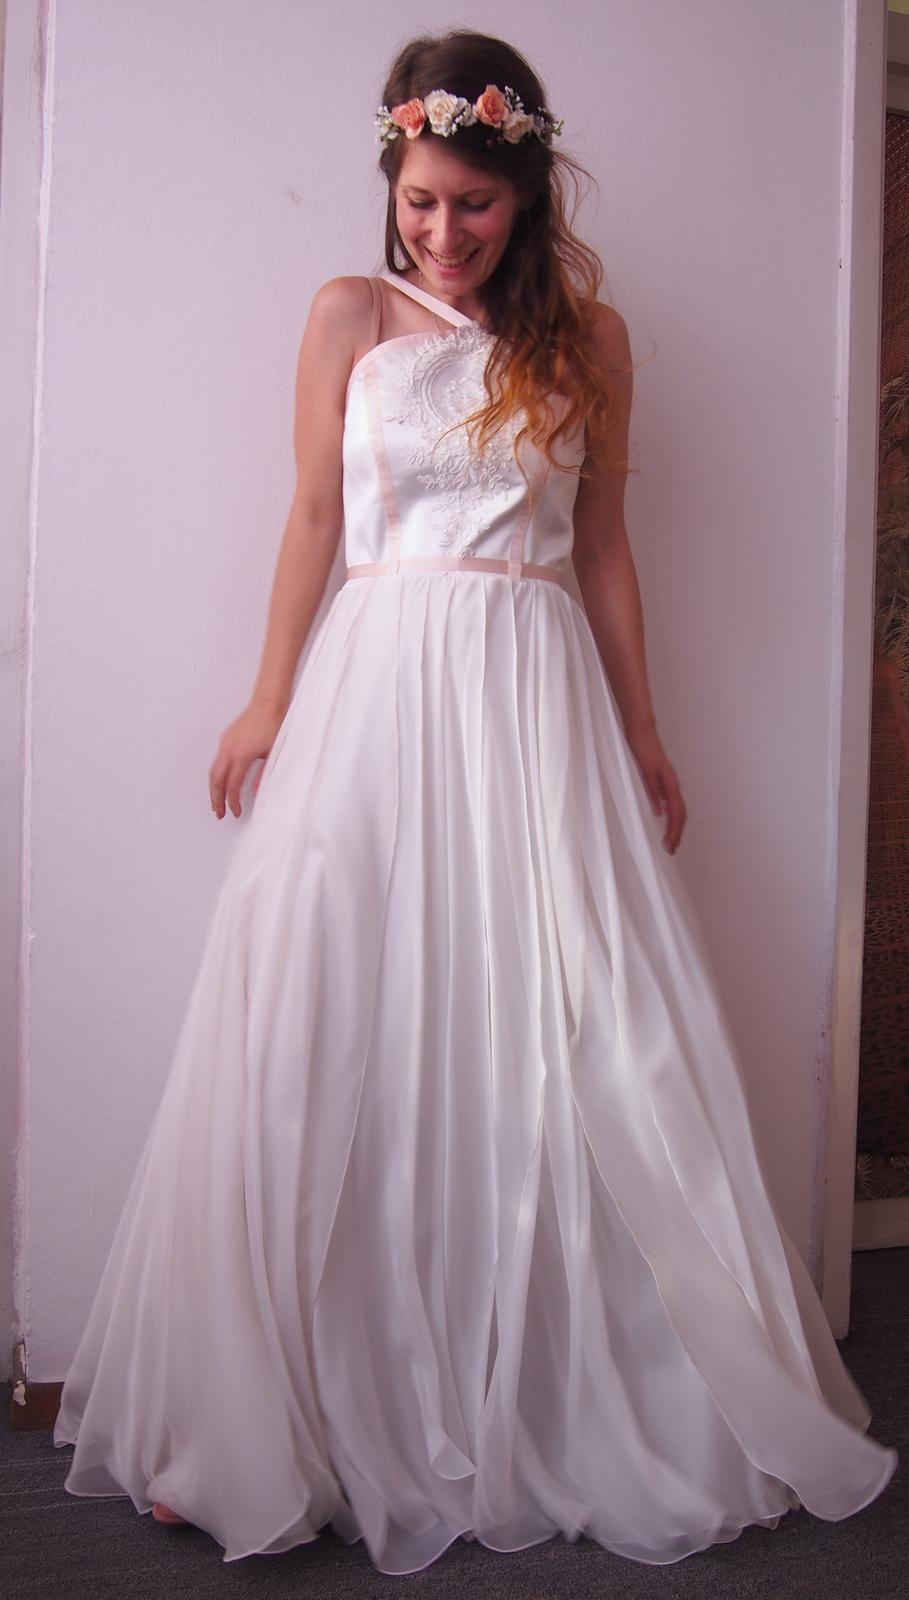 Unikátne dizajnérske boho svadobné šaty s hodvábom - Obrázok č. 1